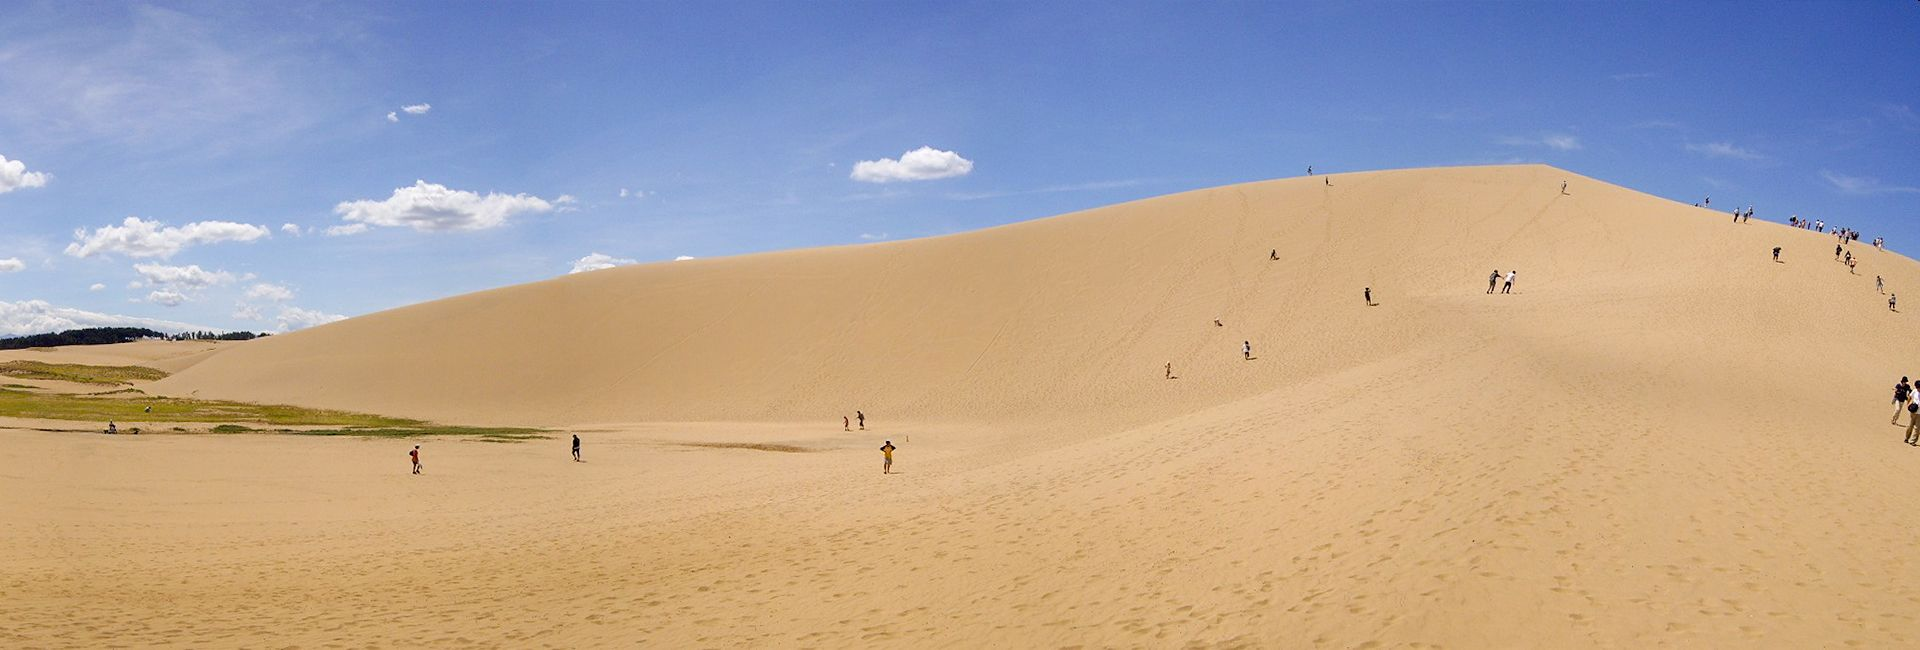 Tottori dunes